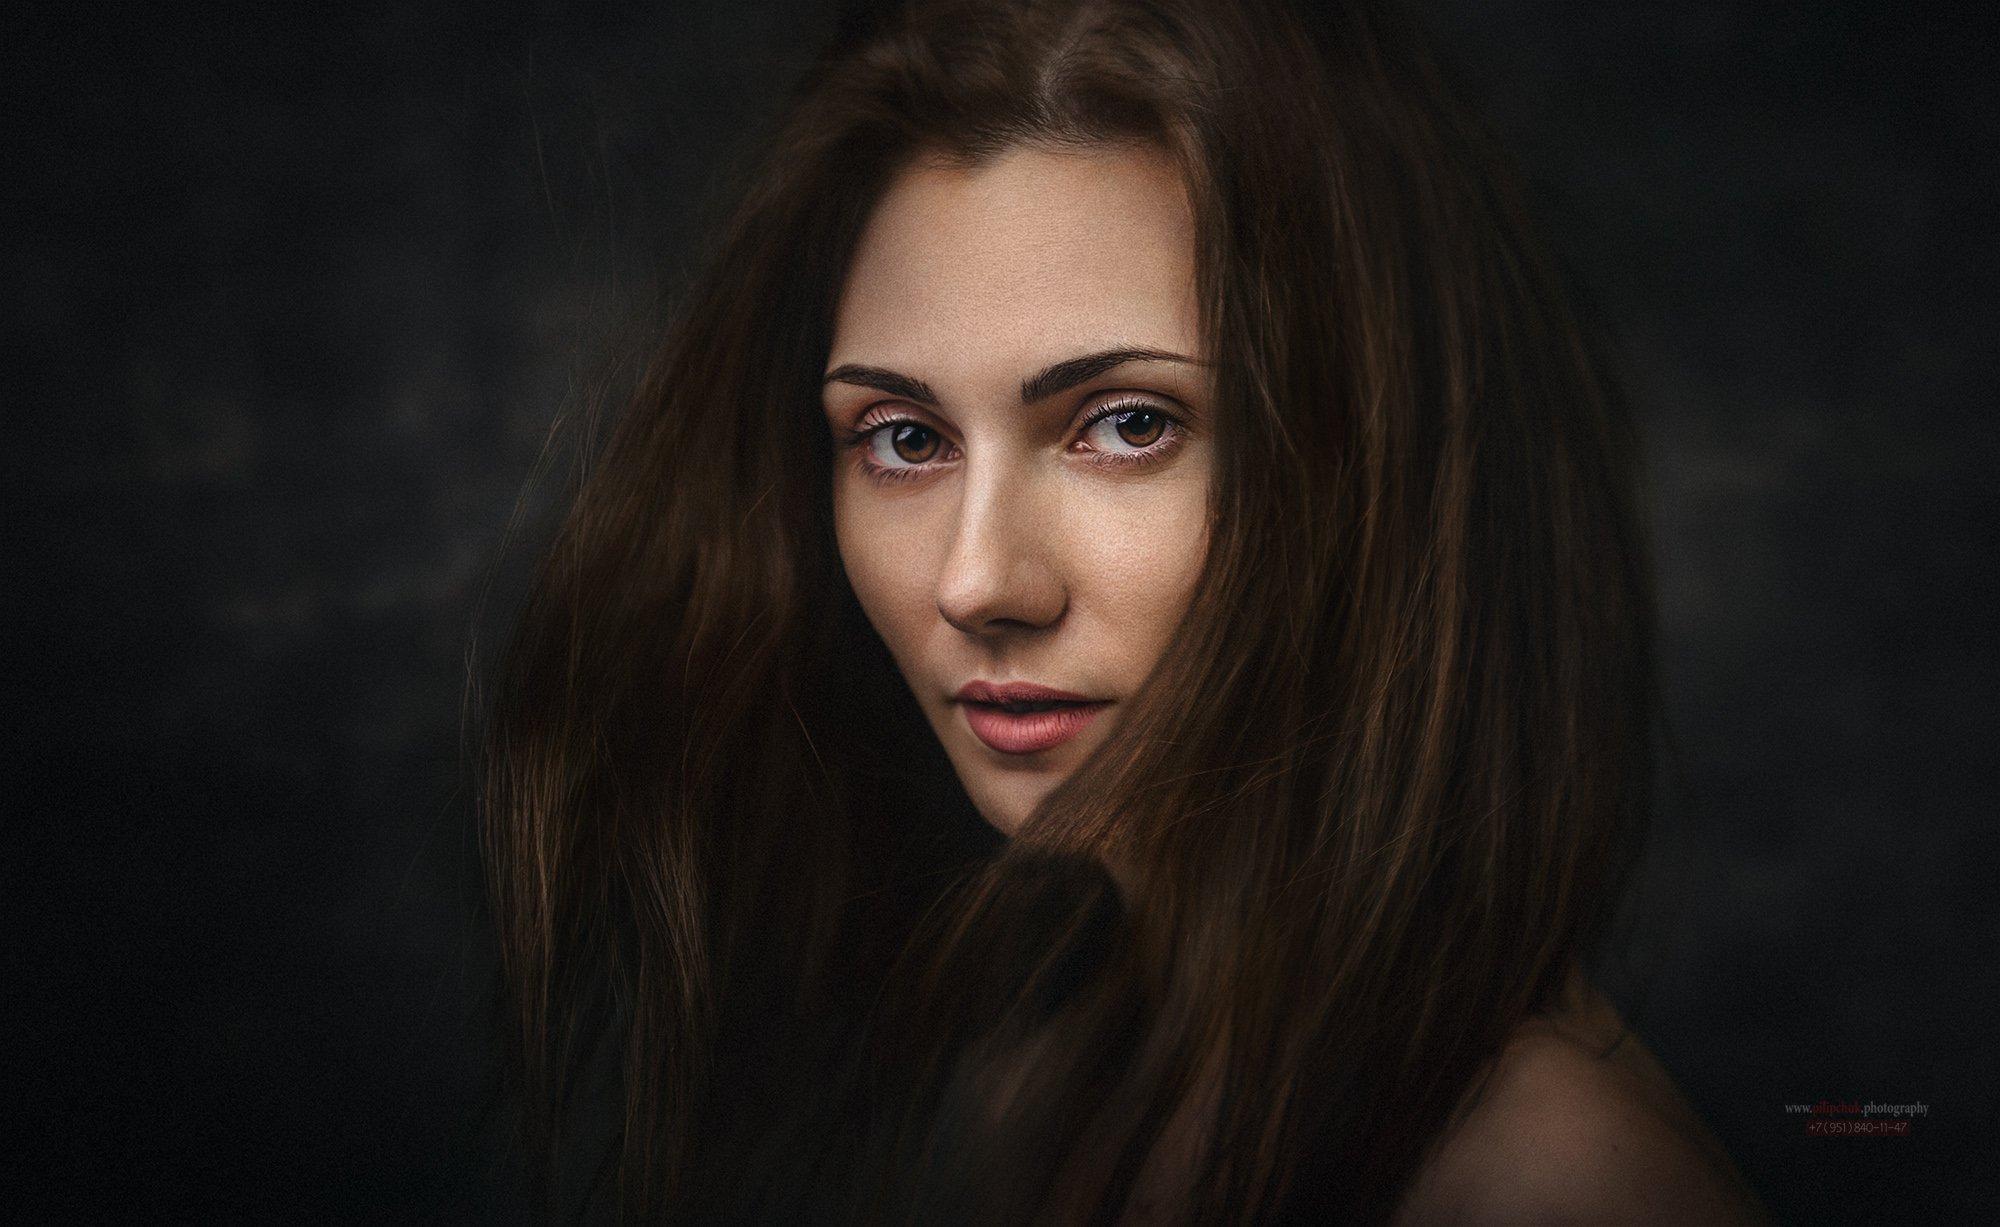 портрет, девушка, в студии, модель,, Пилипчук Константин